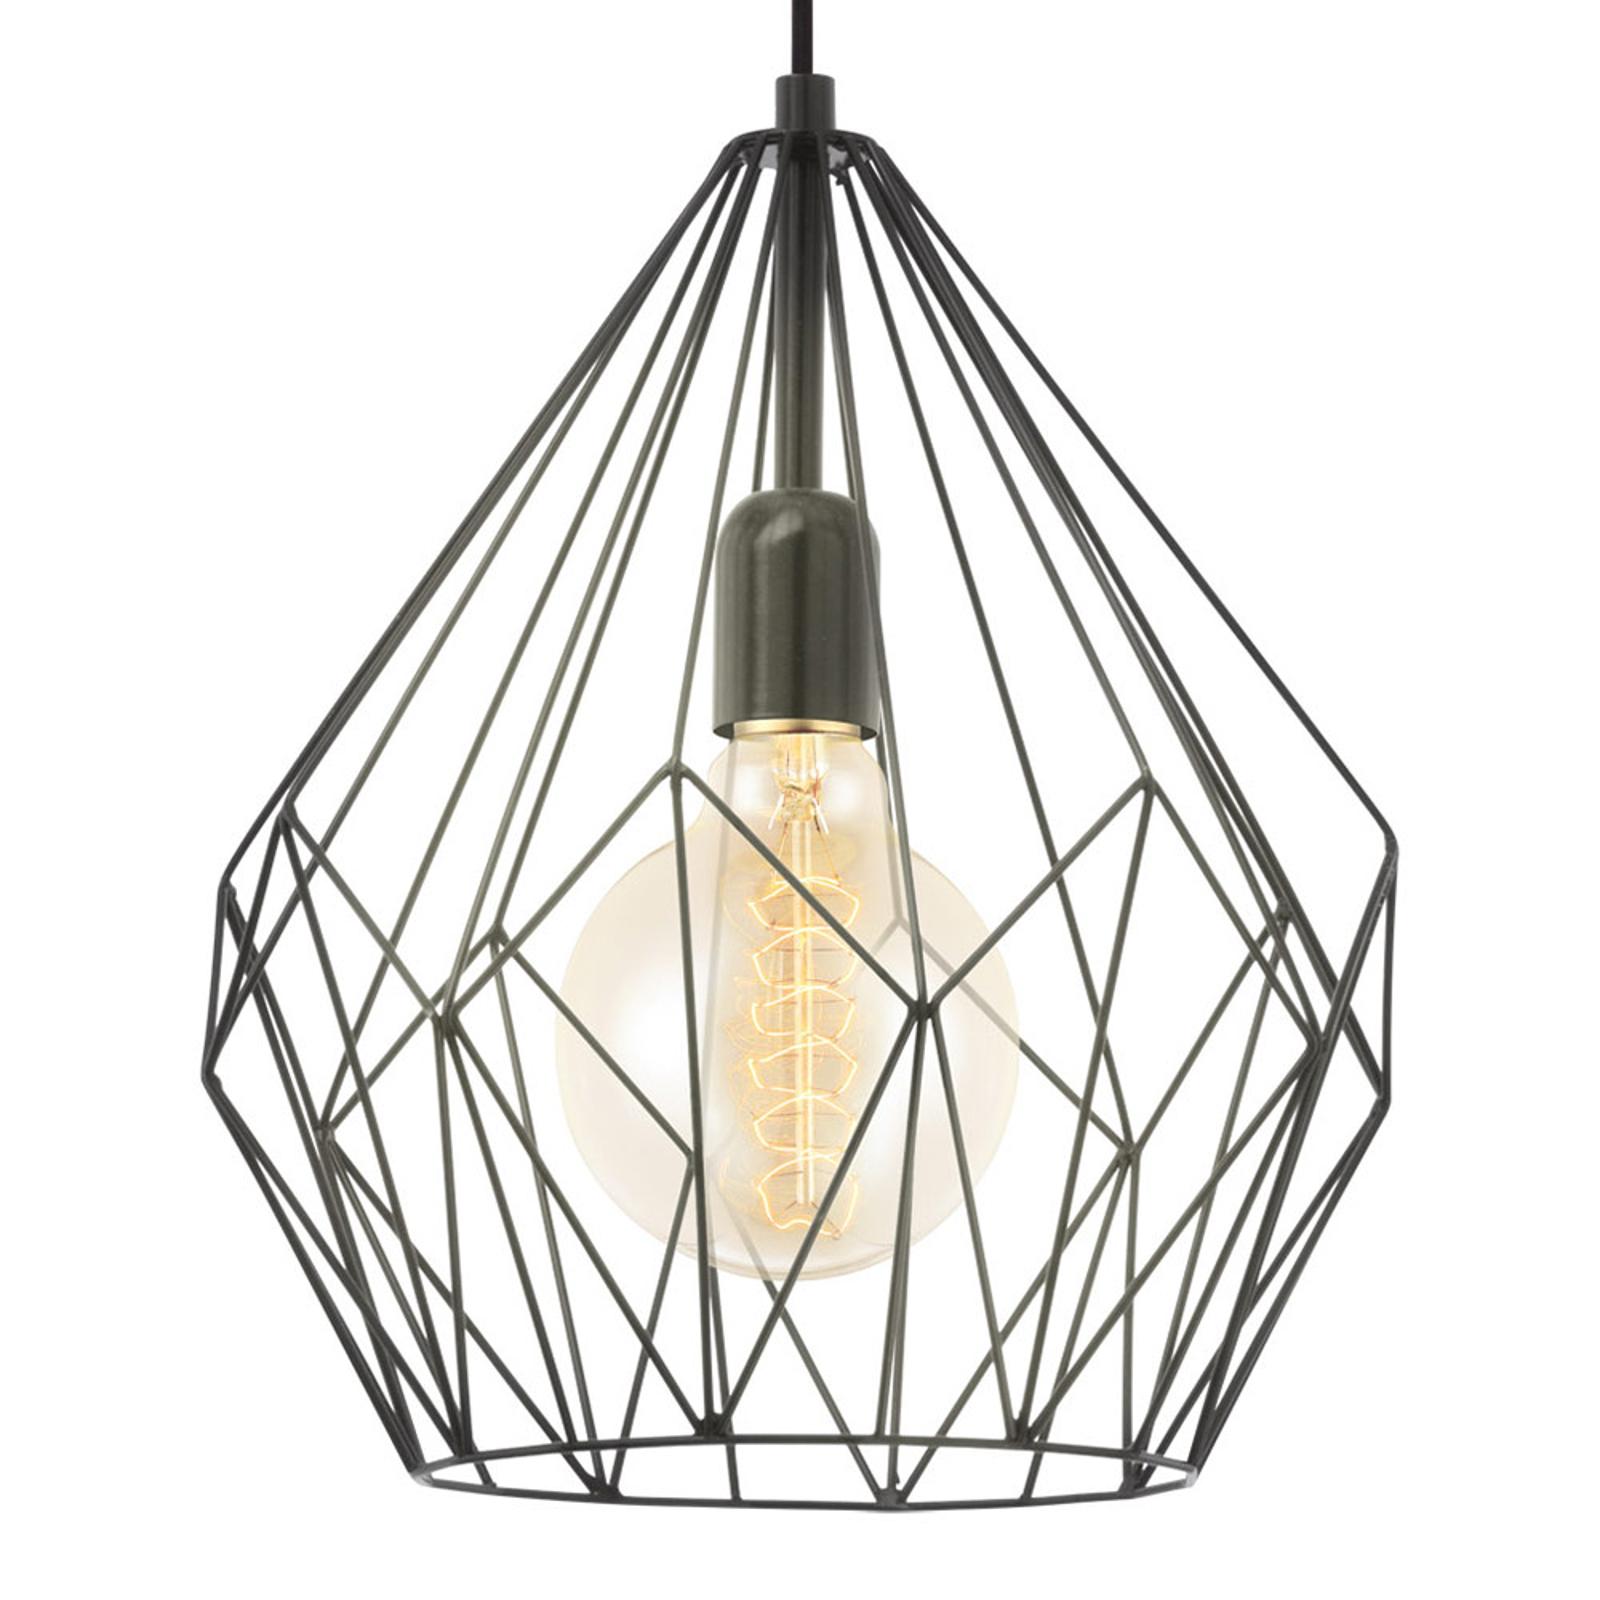 Lampa wisząca Carlton o wzornictwie klatki, czarna